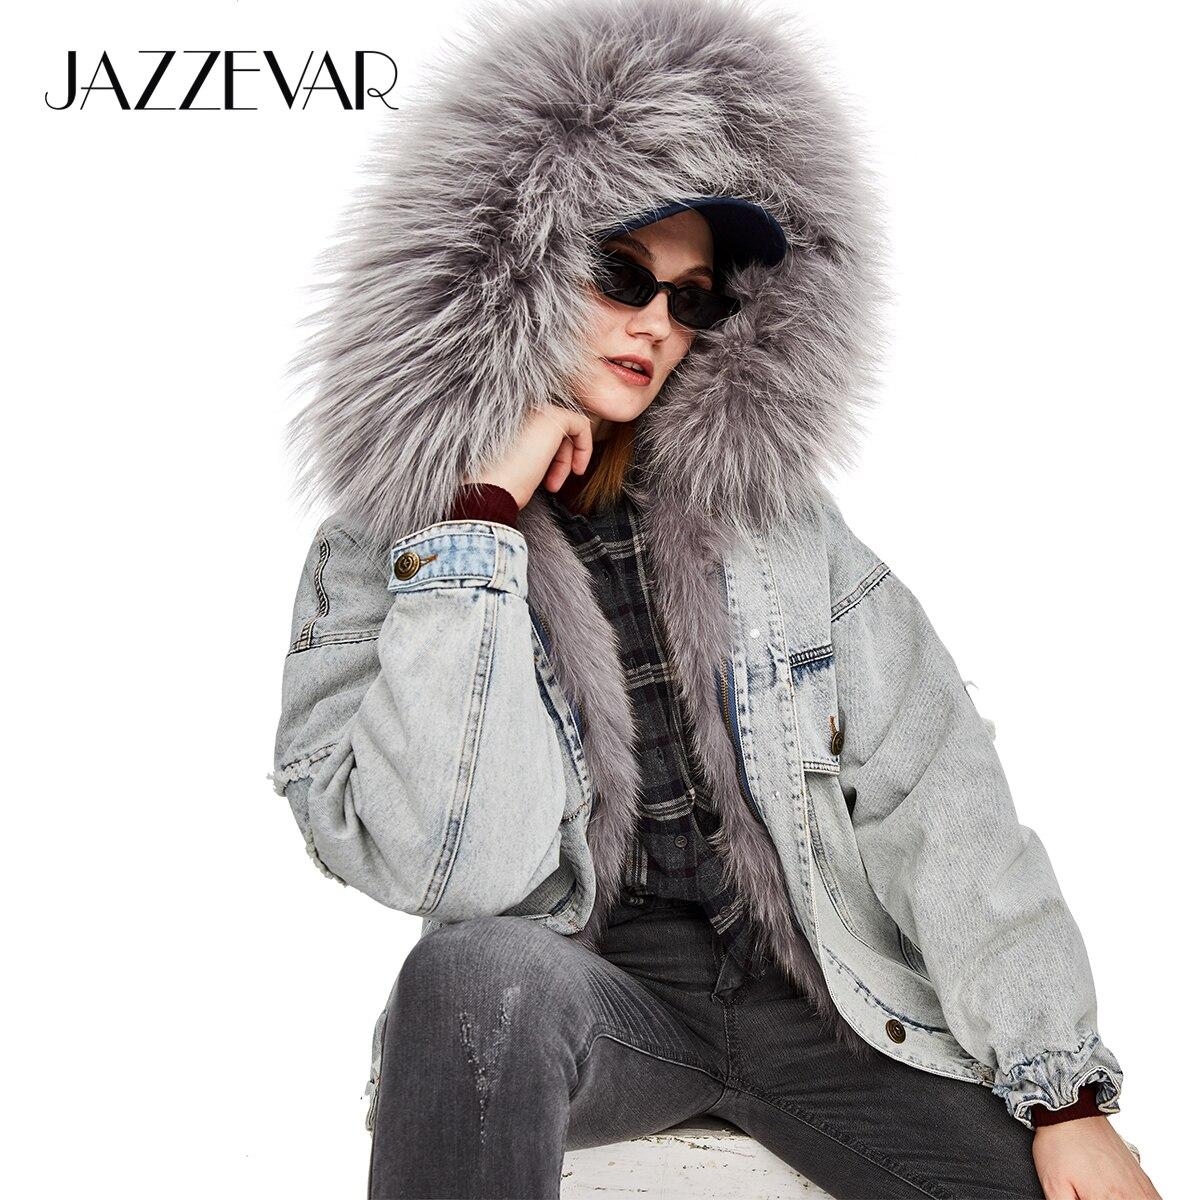 Veste Nouveau model Jazzevar Model Grande Surdimensionné Col Haute Capuche Couture Doublé En Femmes Manteau 2018 À Parka Rue De 1 Fourrure Jean 2 model Hiver Véritable 2 5wggnx10fq